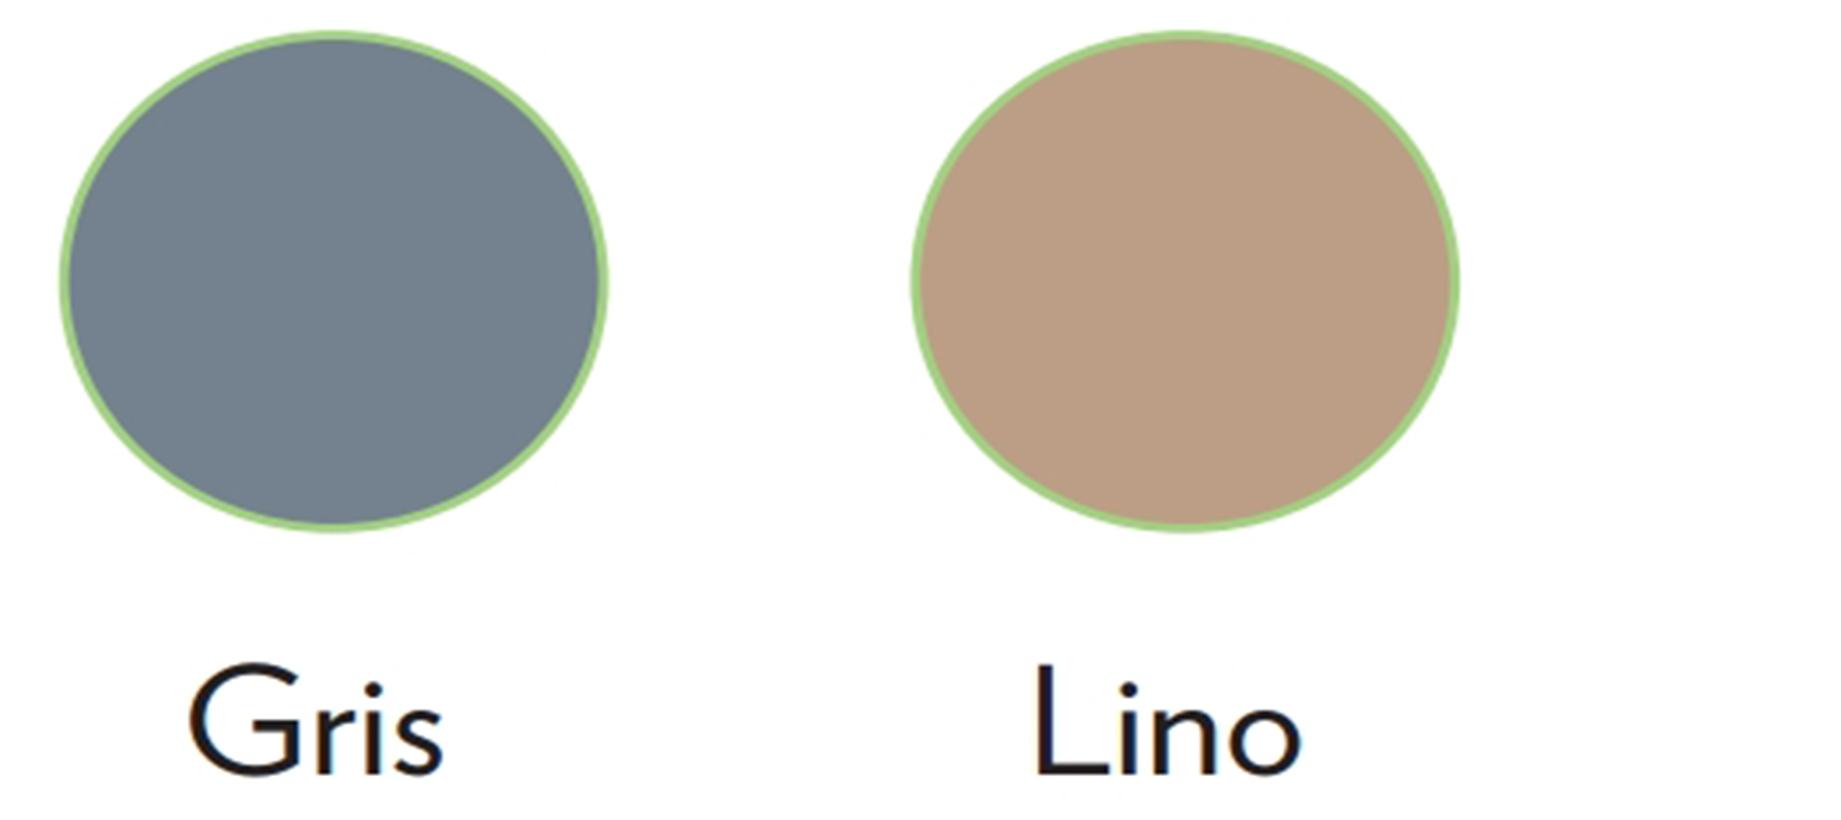 colores canape firmeza flex